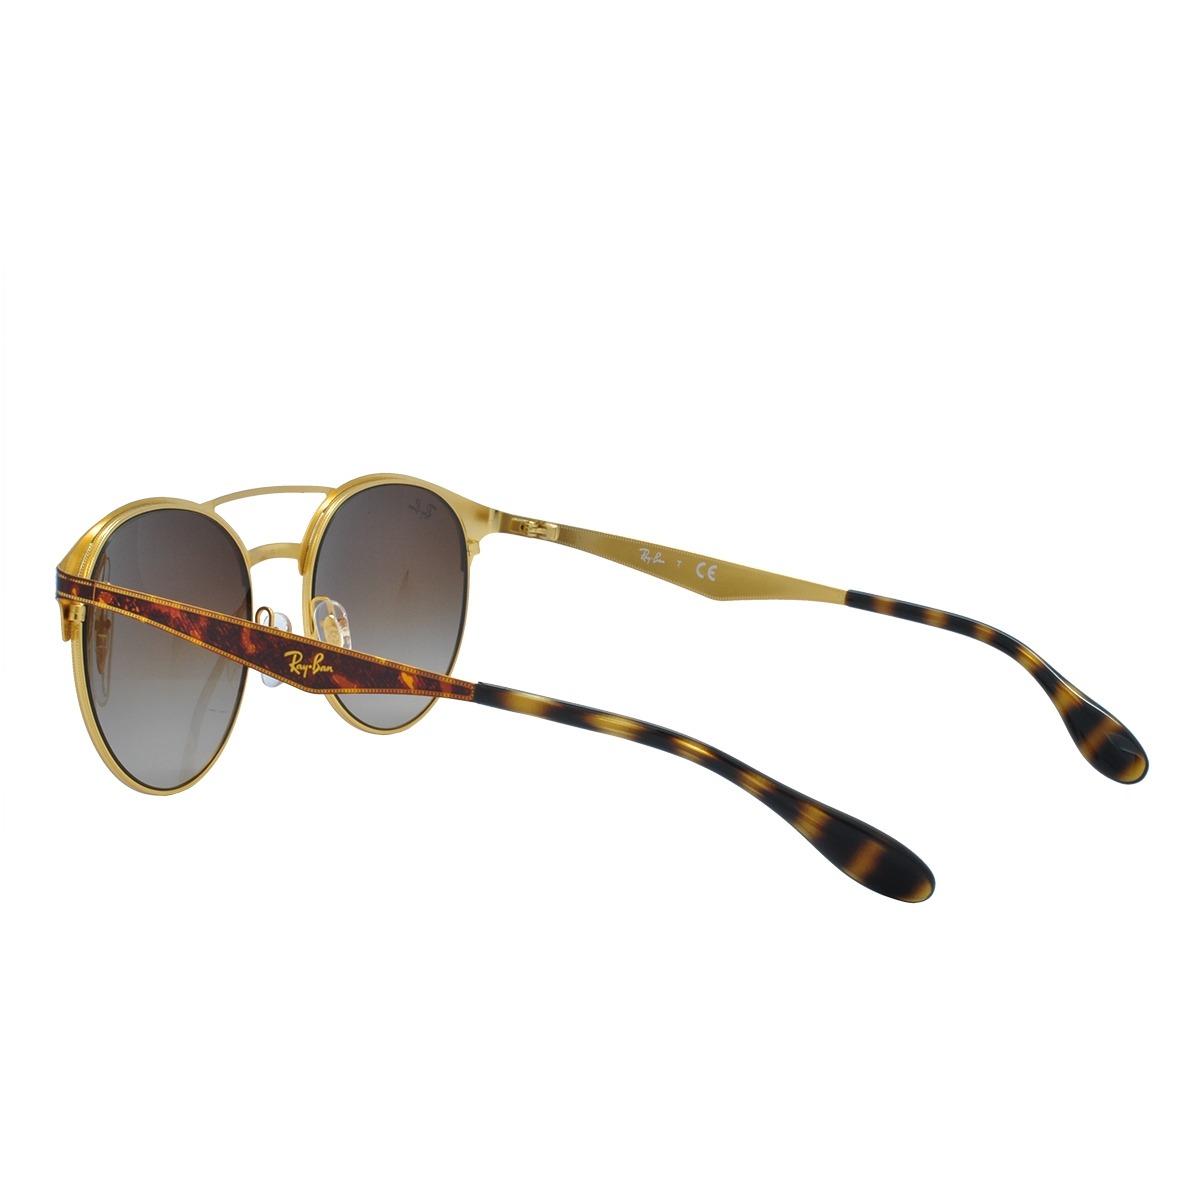 31f5f33468068 Carregando zoom... óculos de sol ray ban original feminino rb3545 90081354